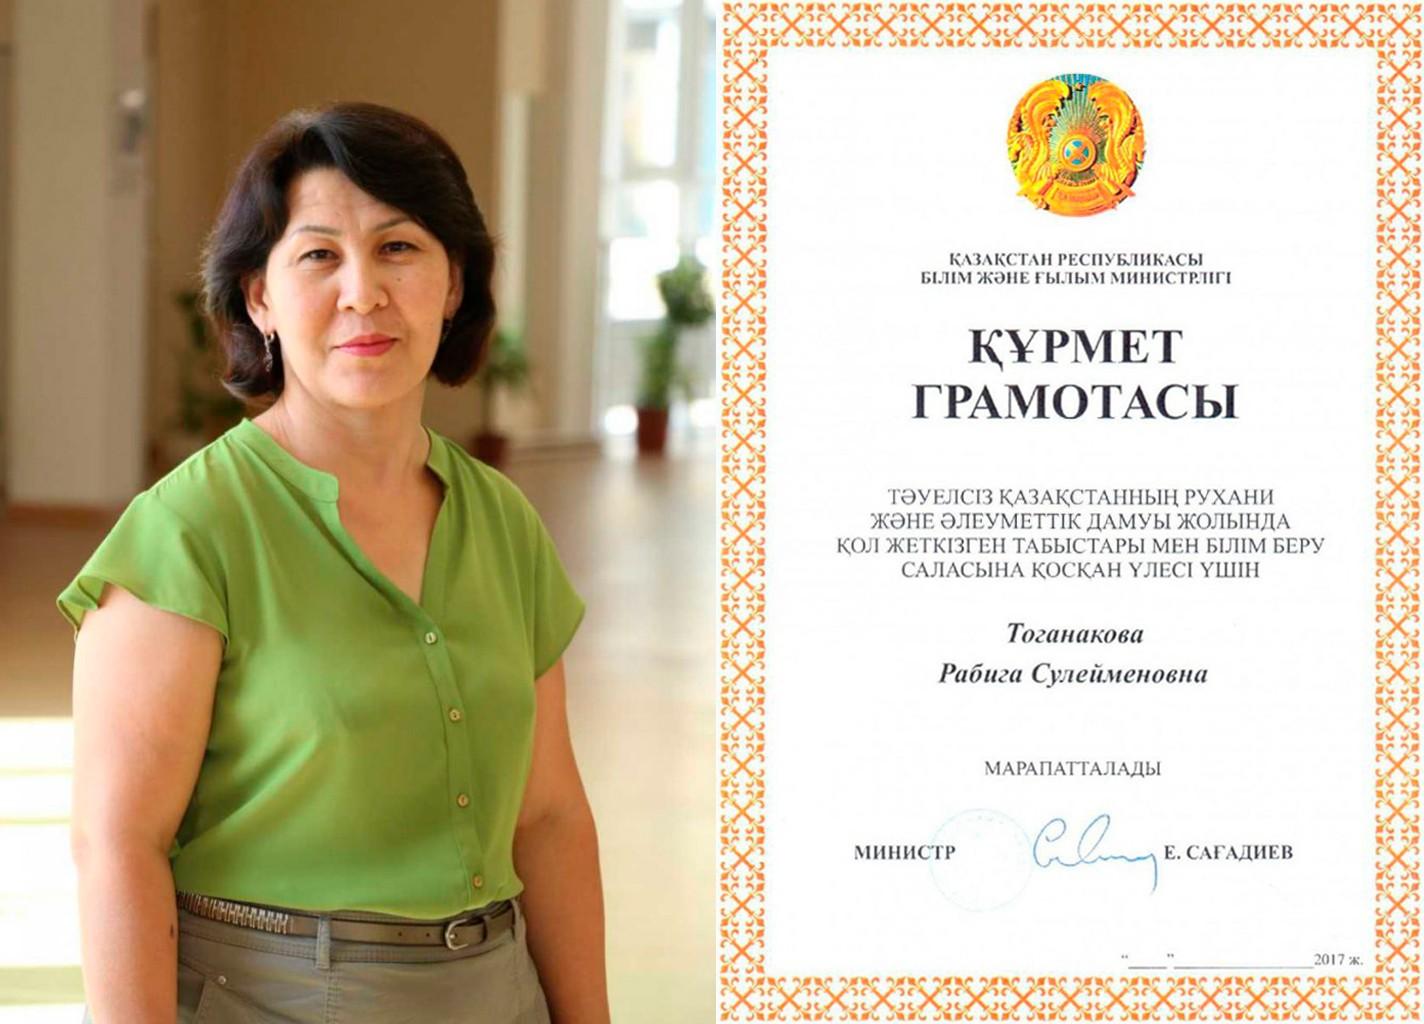 Тоганакова-Рабига-Сулейменовна